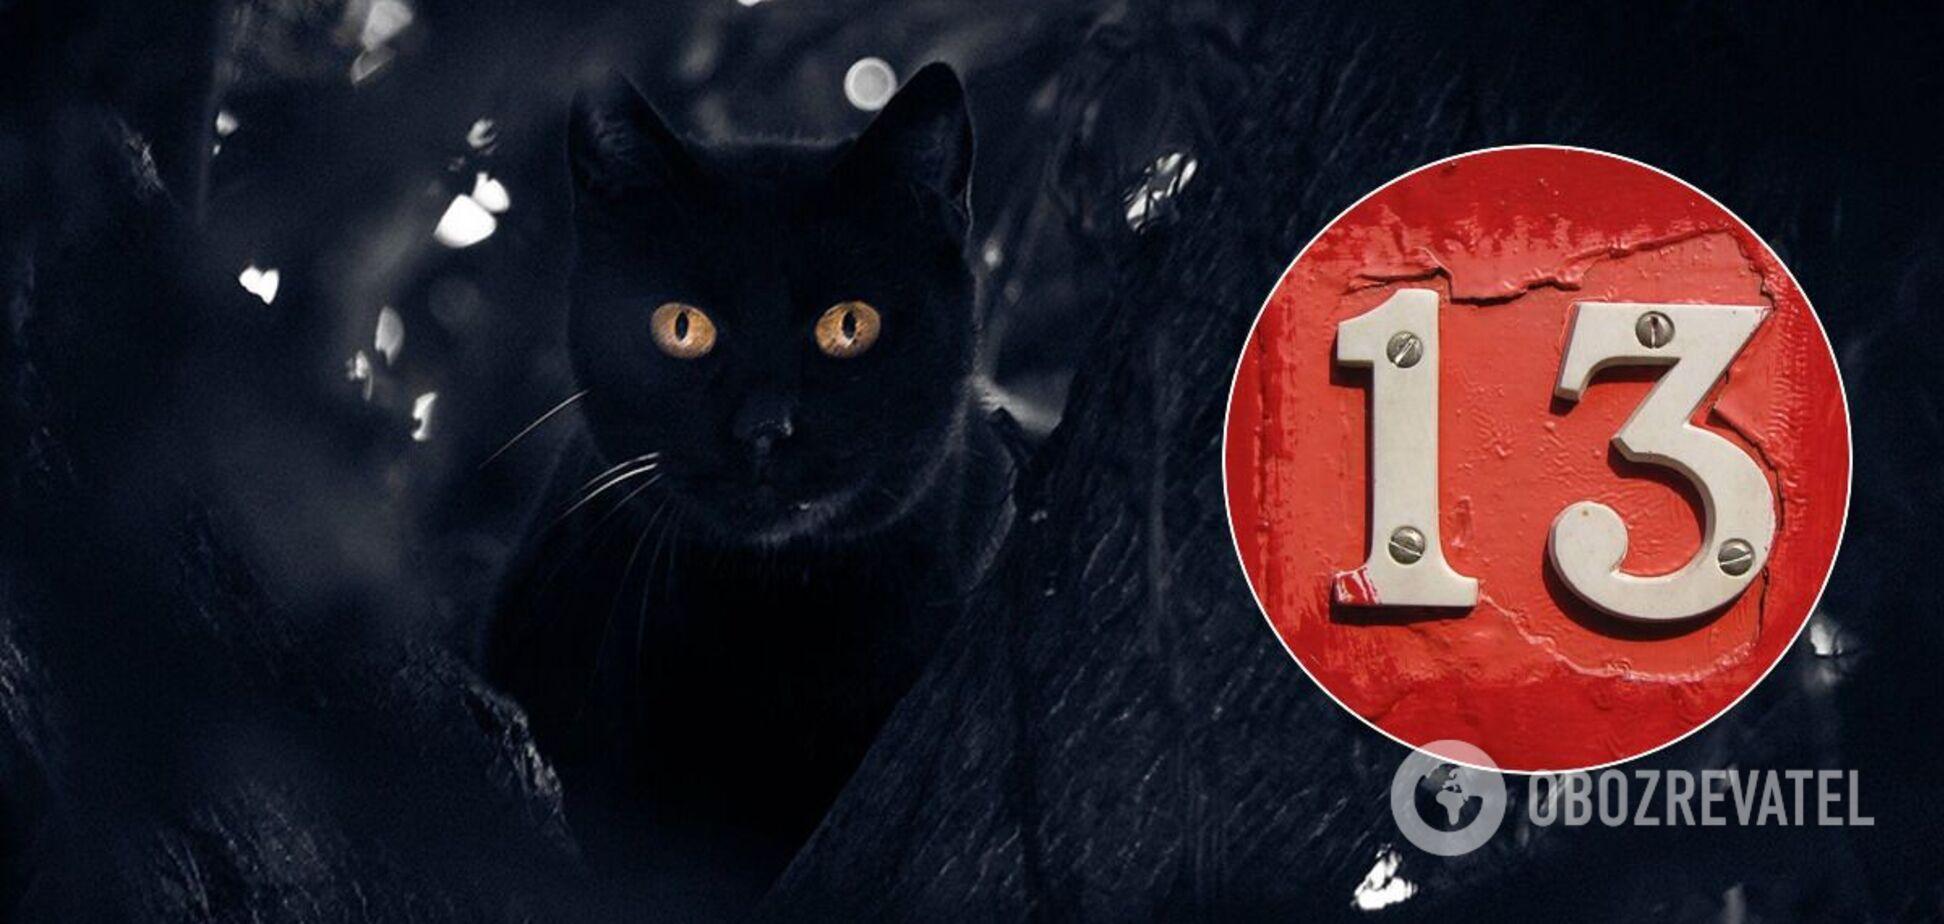 Пятница, 13 ноября: астролог сказал, что нужно сделать